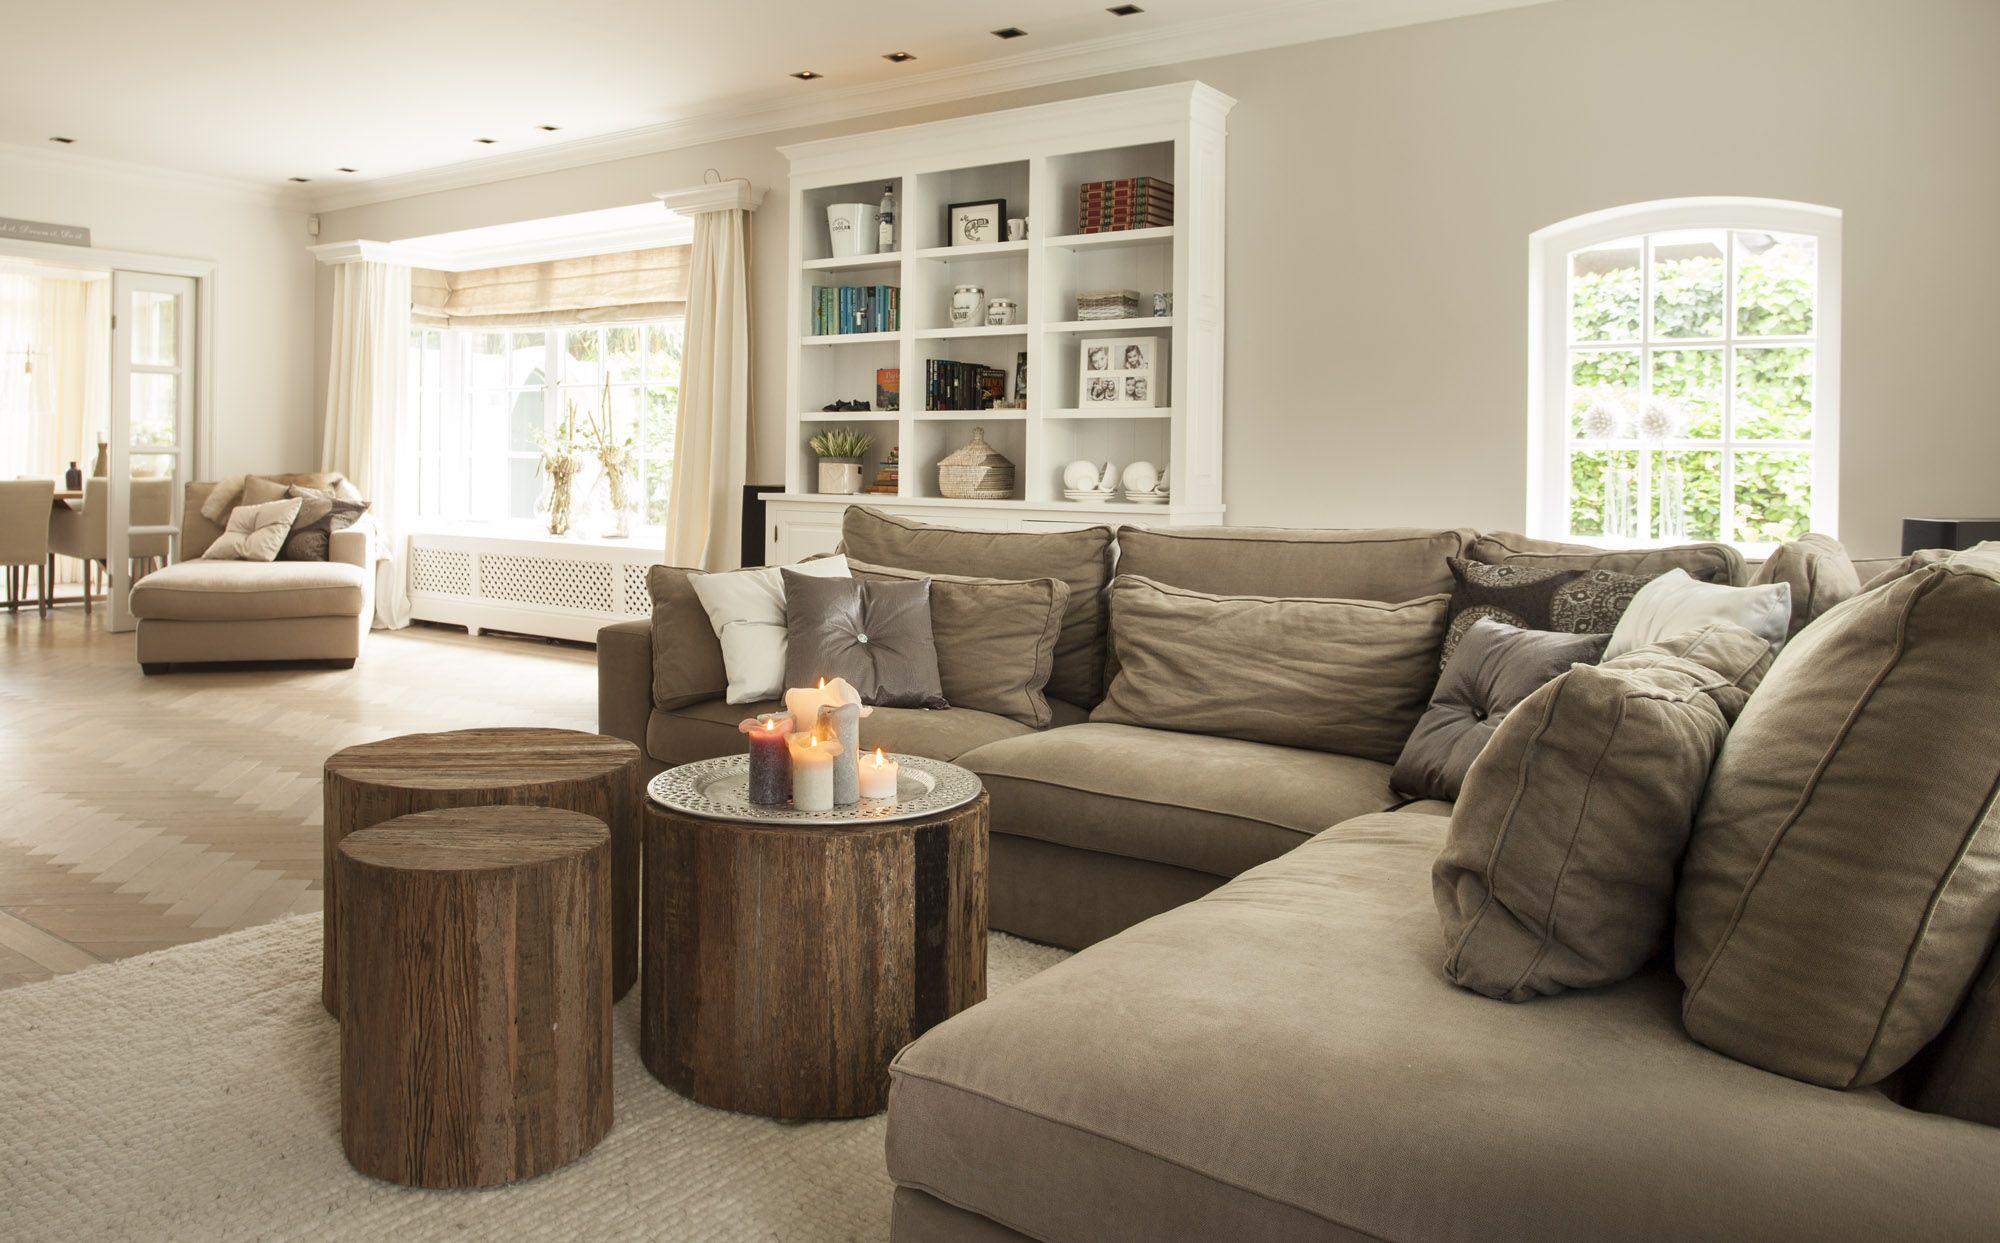 stoer en landelijk interieur interieurstijl minimalistisch huis thuis woonkamer woongedeelte beige woonkamers